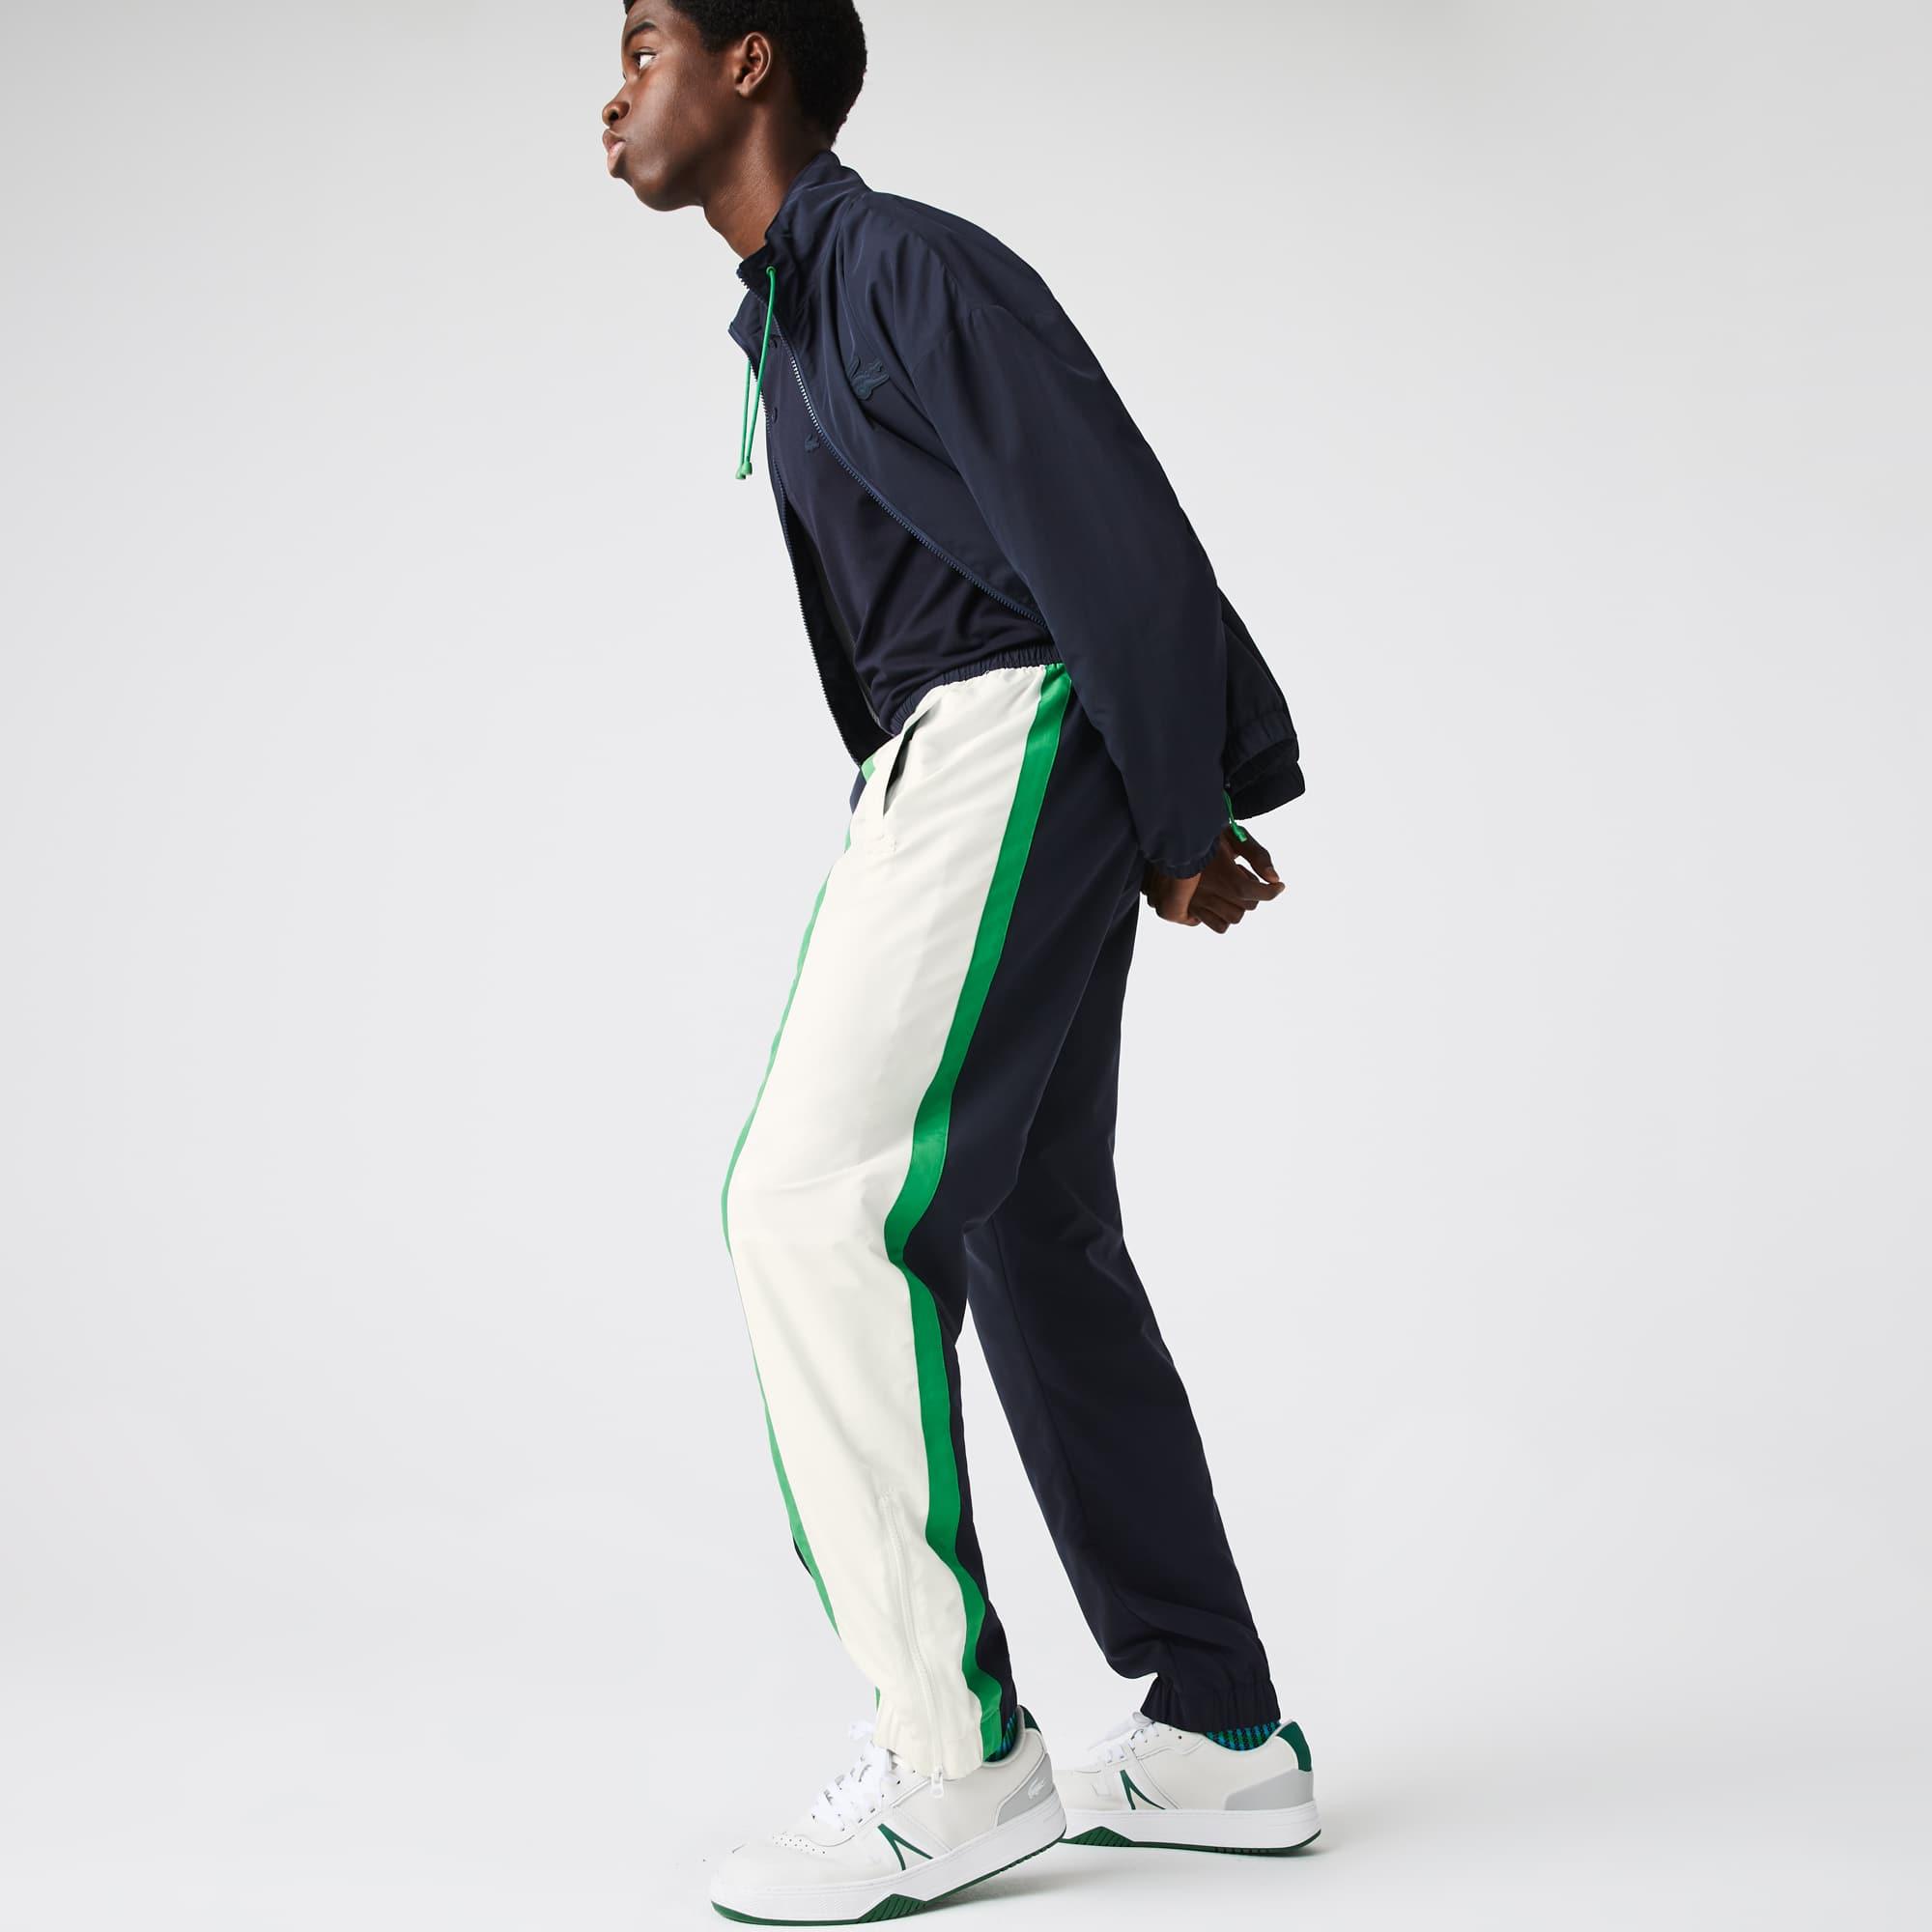 라코스테 맨 경량 트랙수트 팬츠 Lacoste Mens Lightweight, Water-Repellent Colorblock Tracksuit Pants,Navy Blue / White / Green 19V